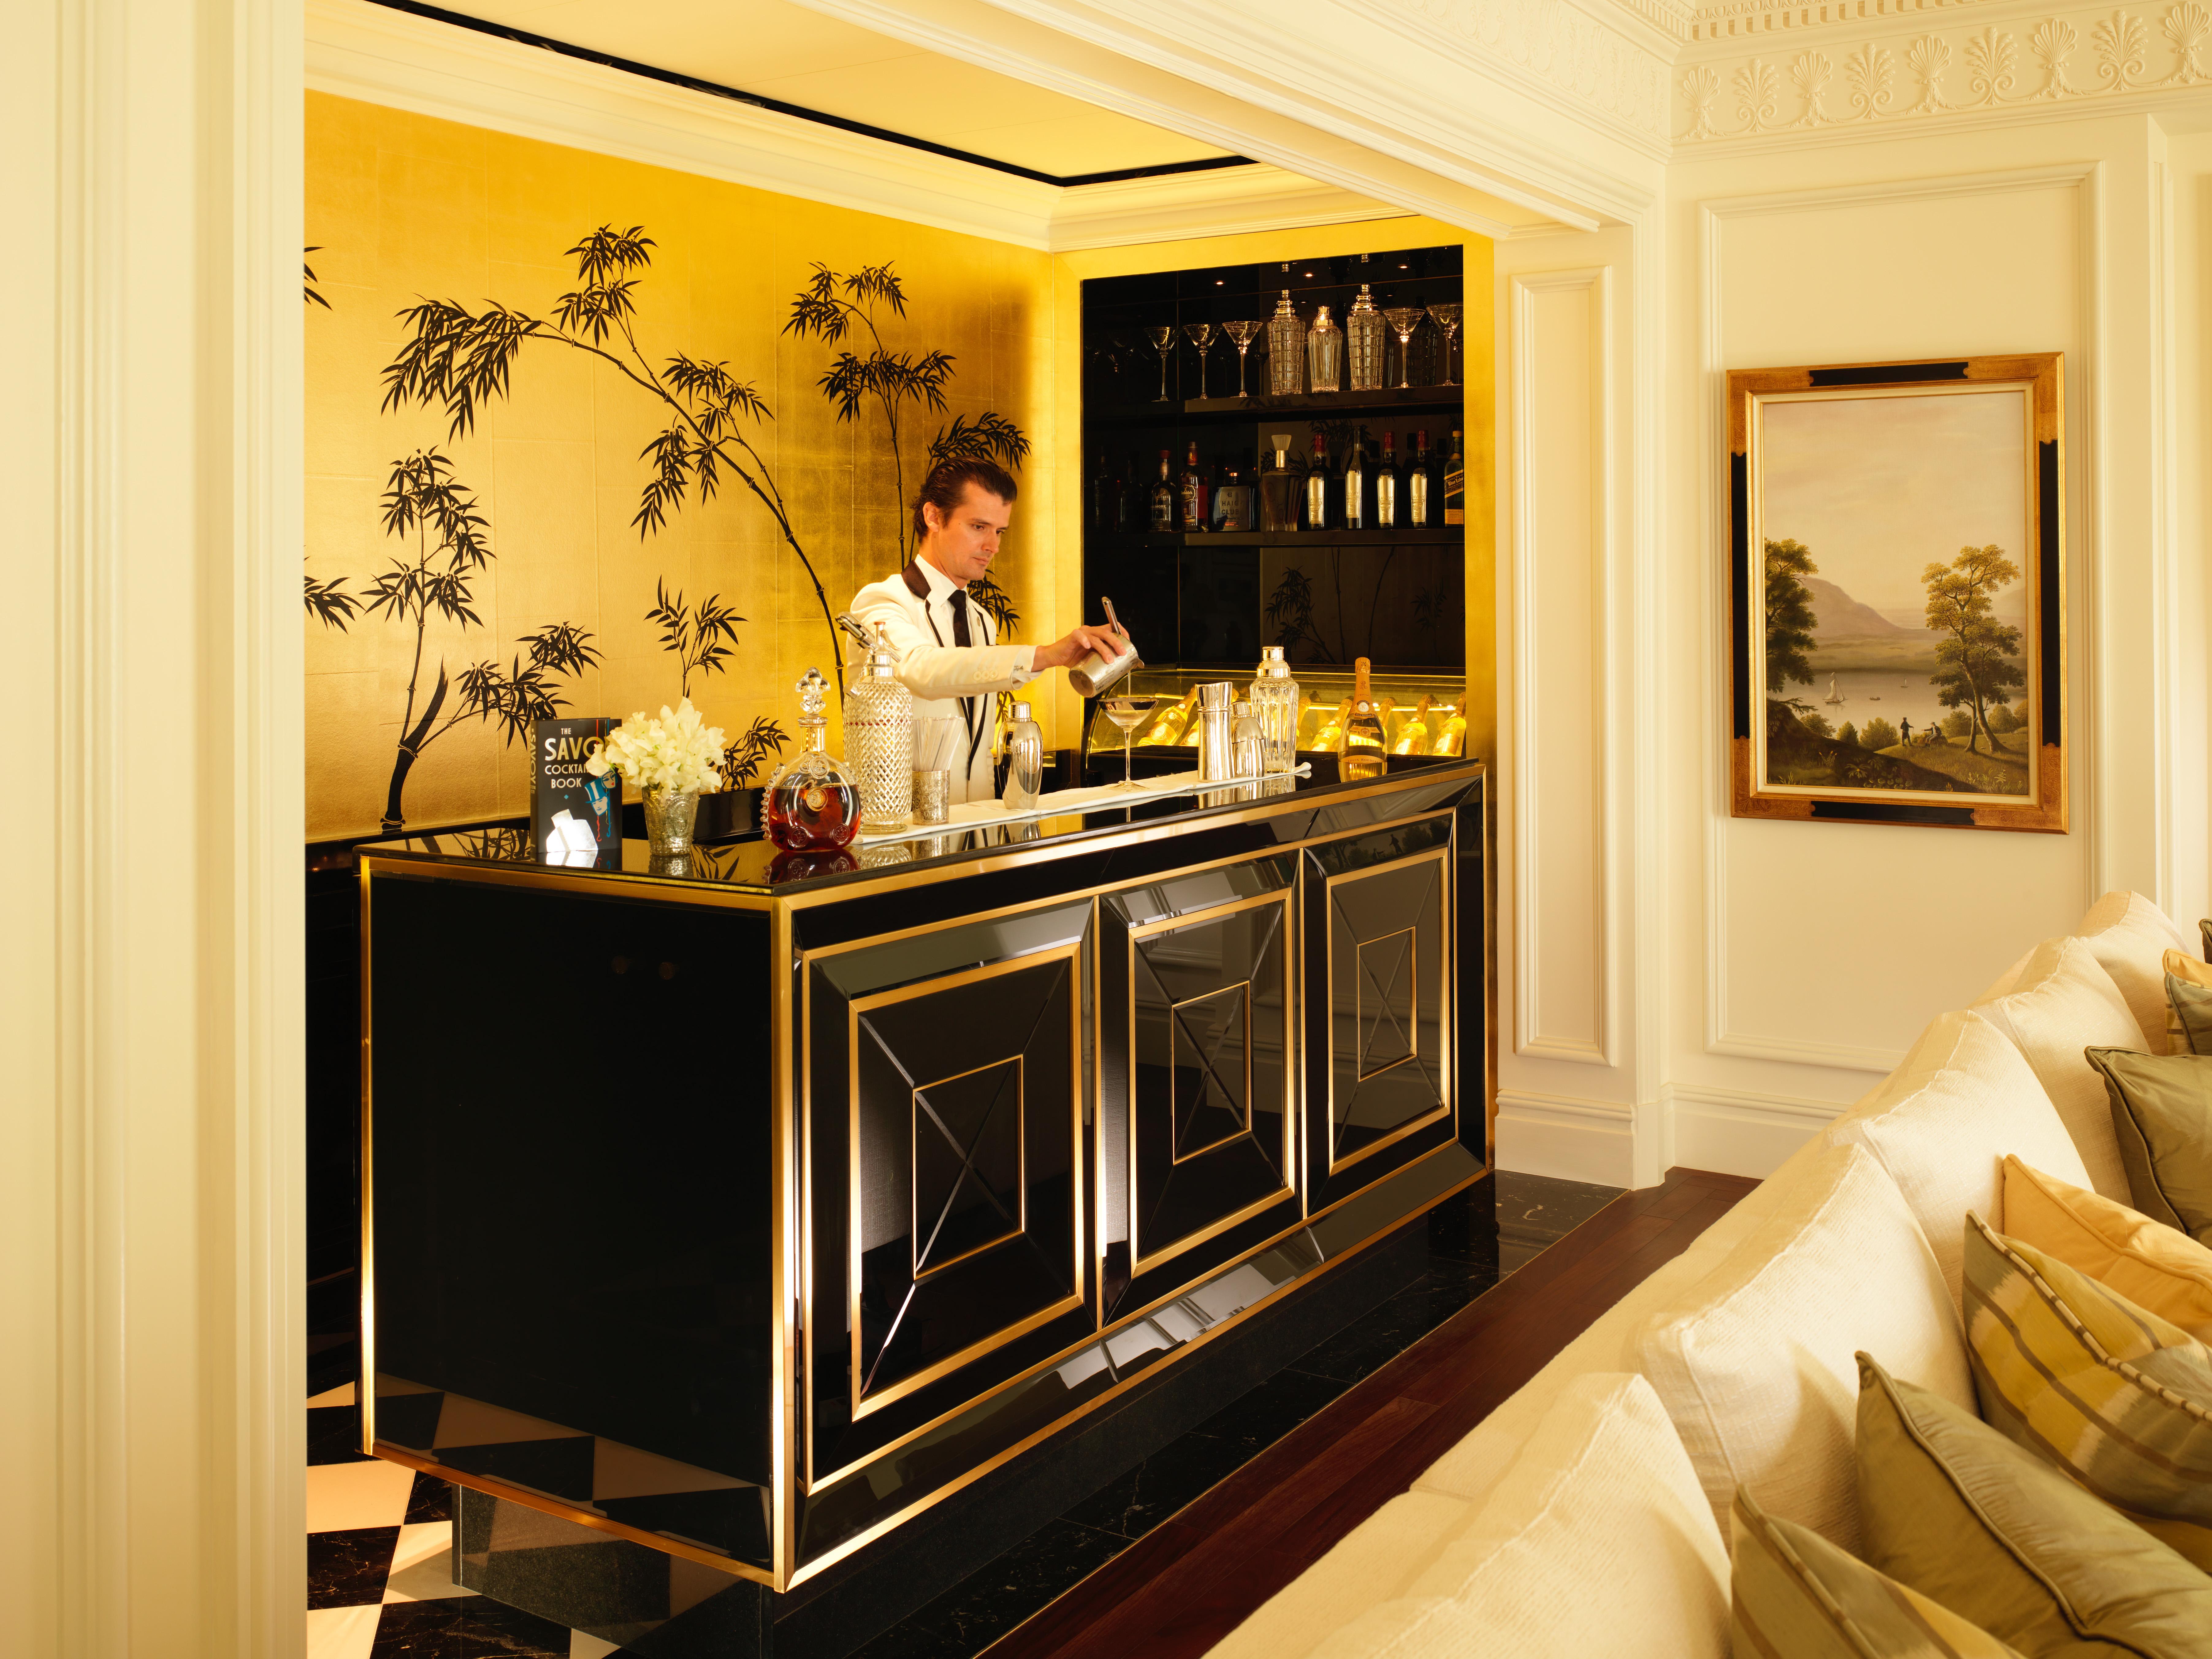 SVY-605 The Savoy Royal Suite Bar with Erik Lorincz